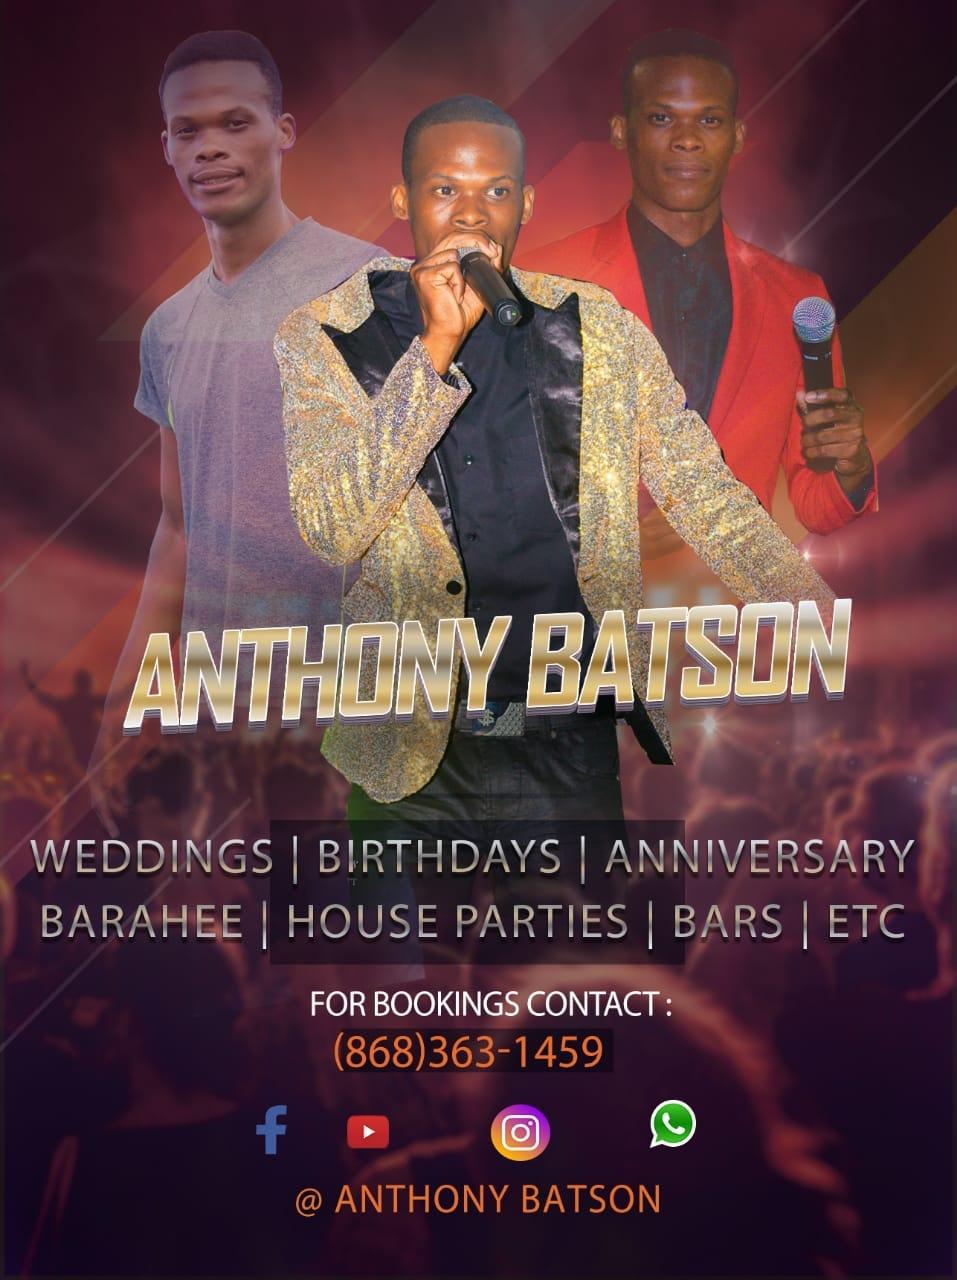 Happy Birthday Anthony Batson From Chutneymusic.com